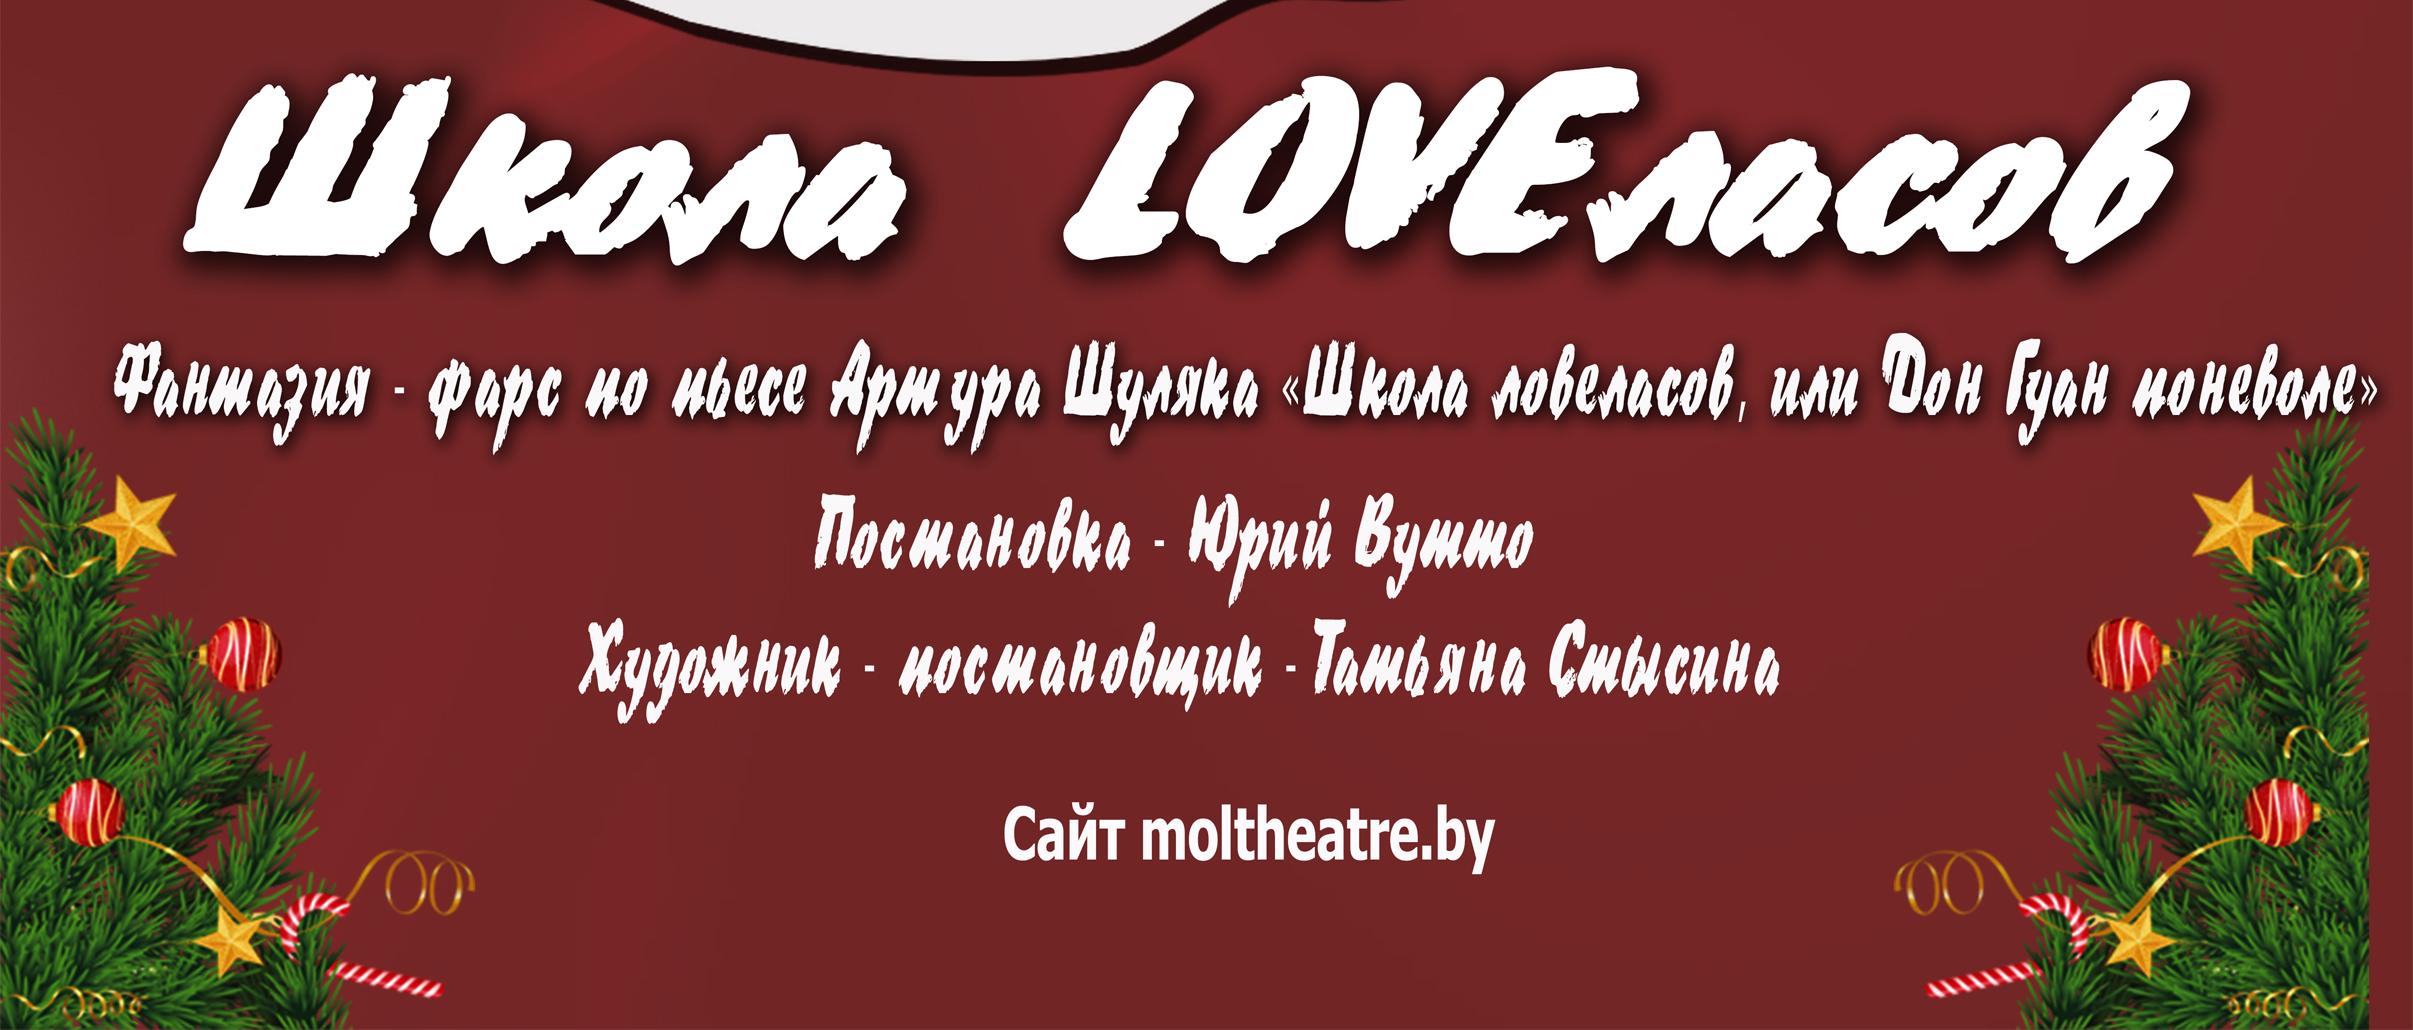 afisha-shkola-lovelasov18ngm